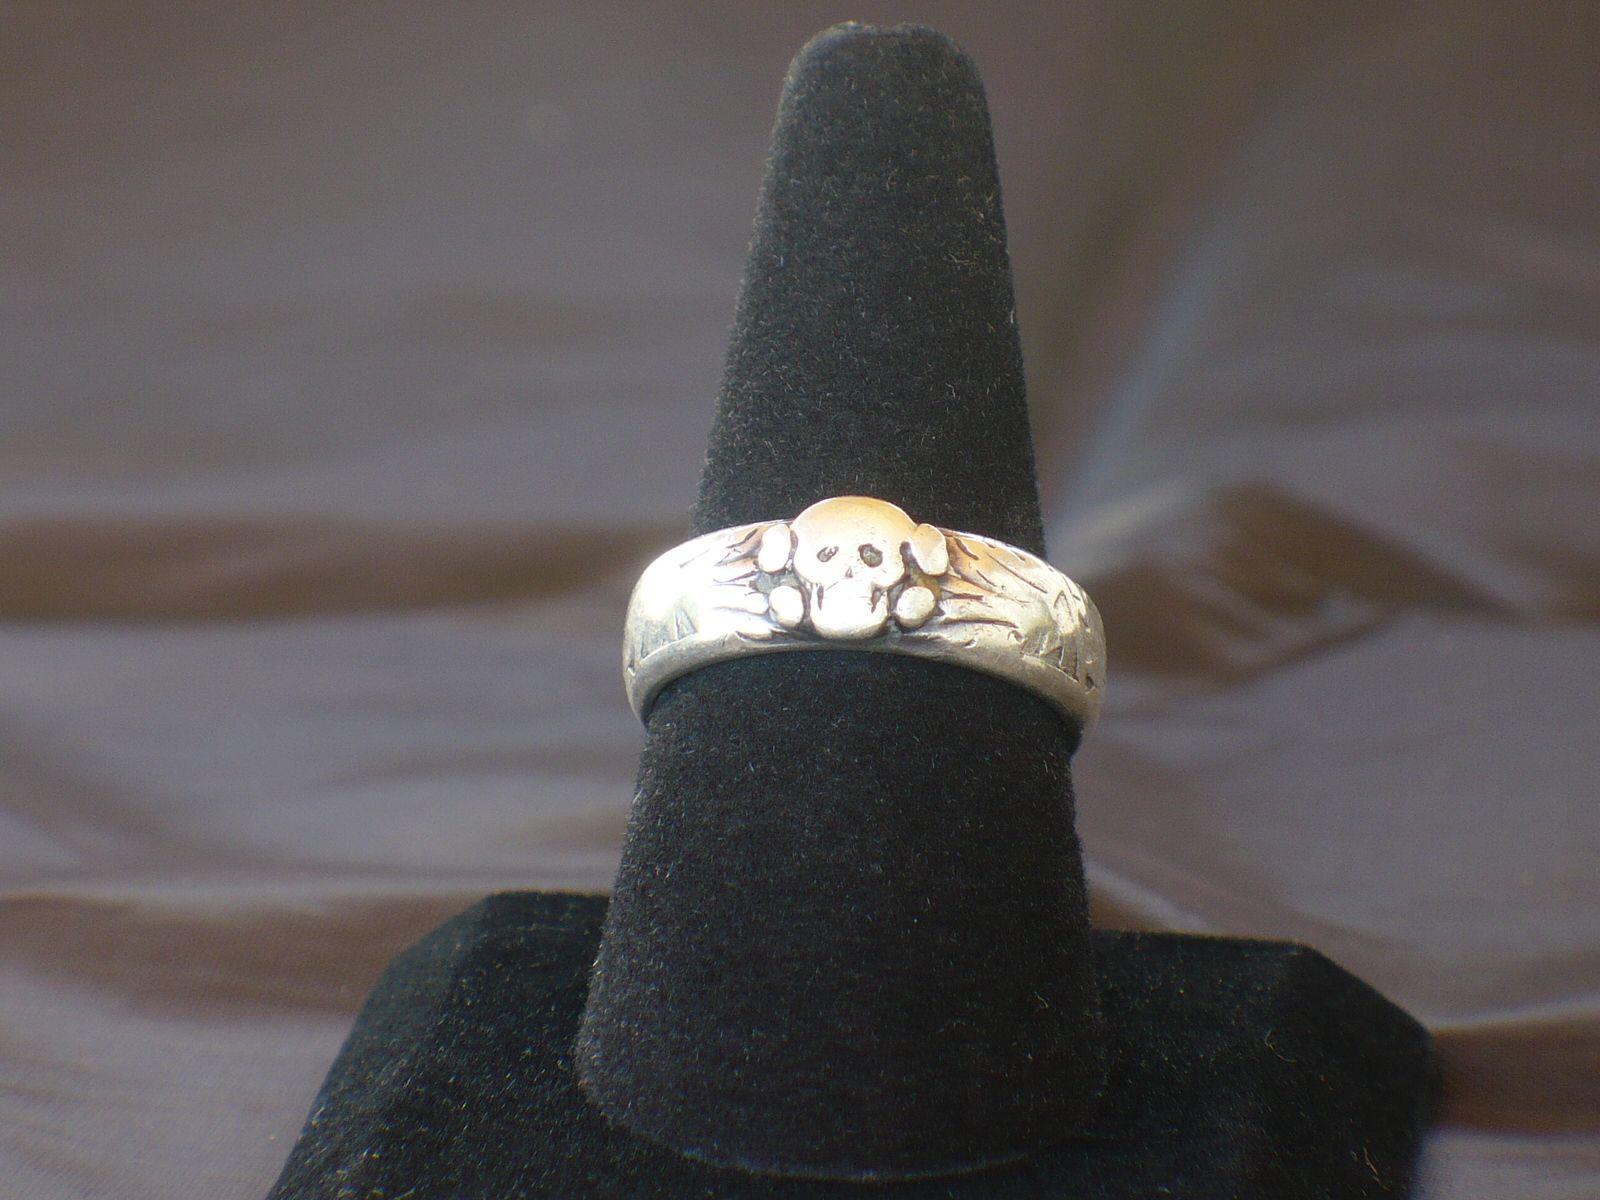 ss officer skull ring